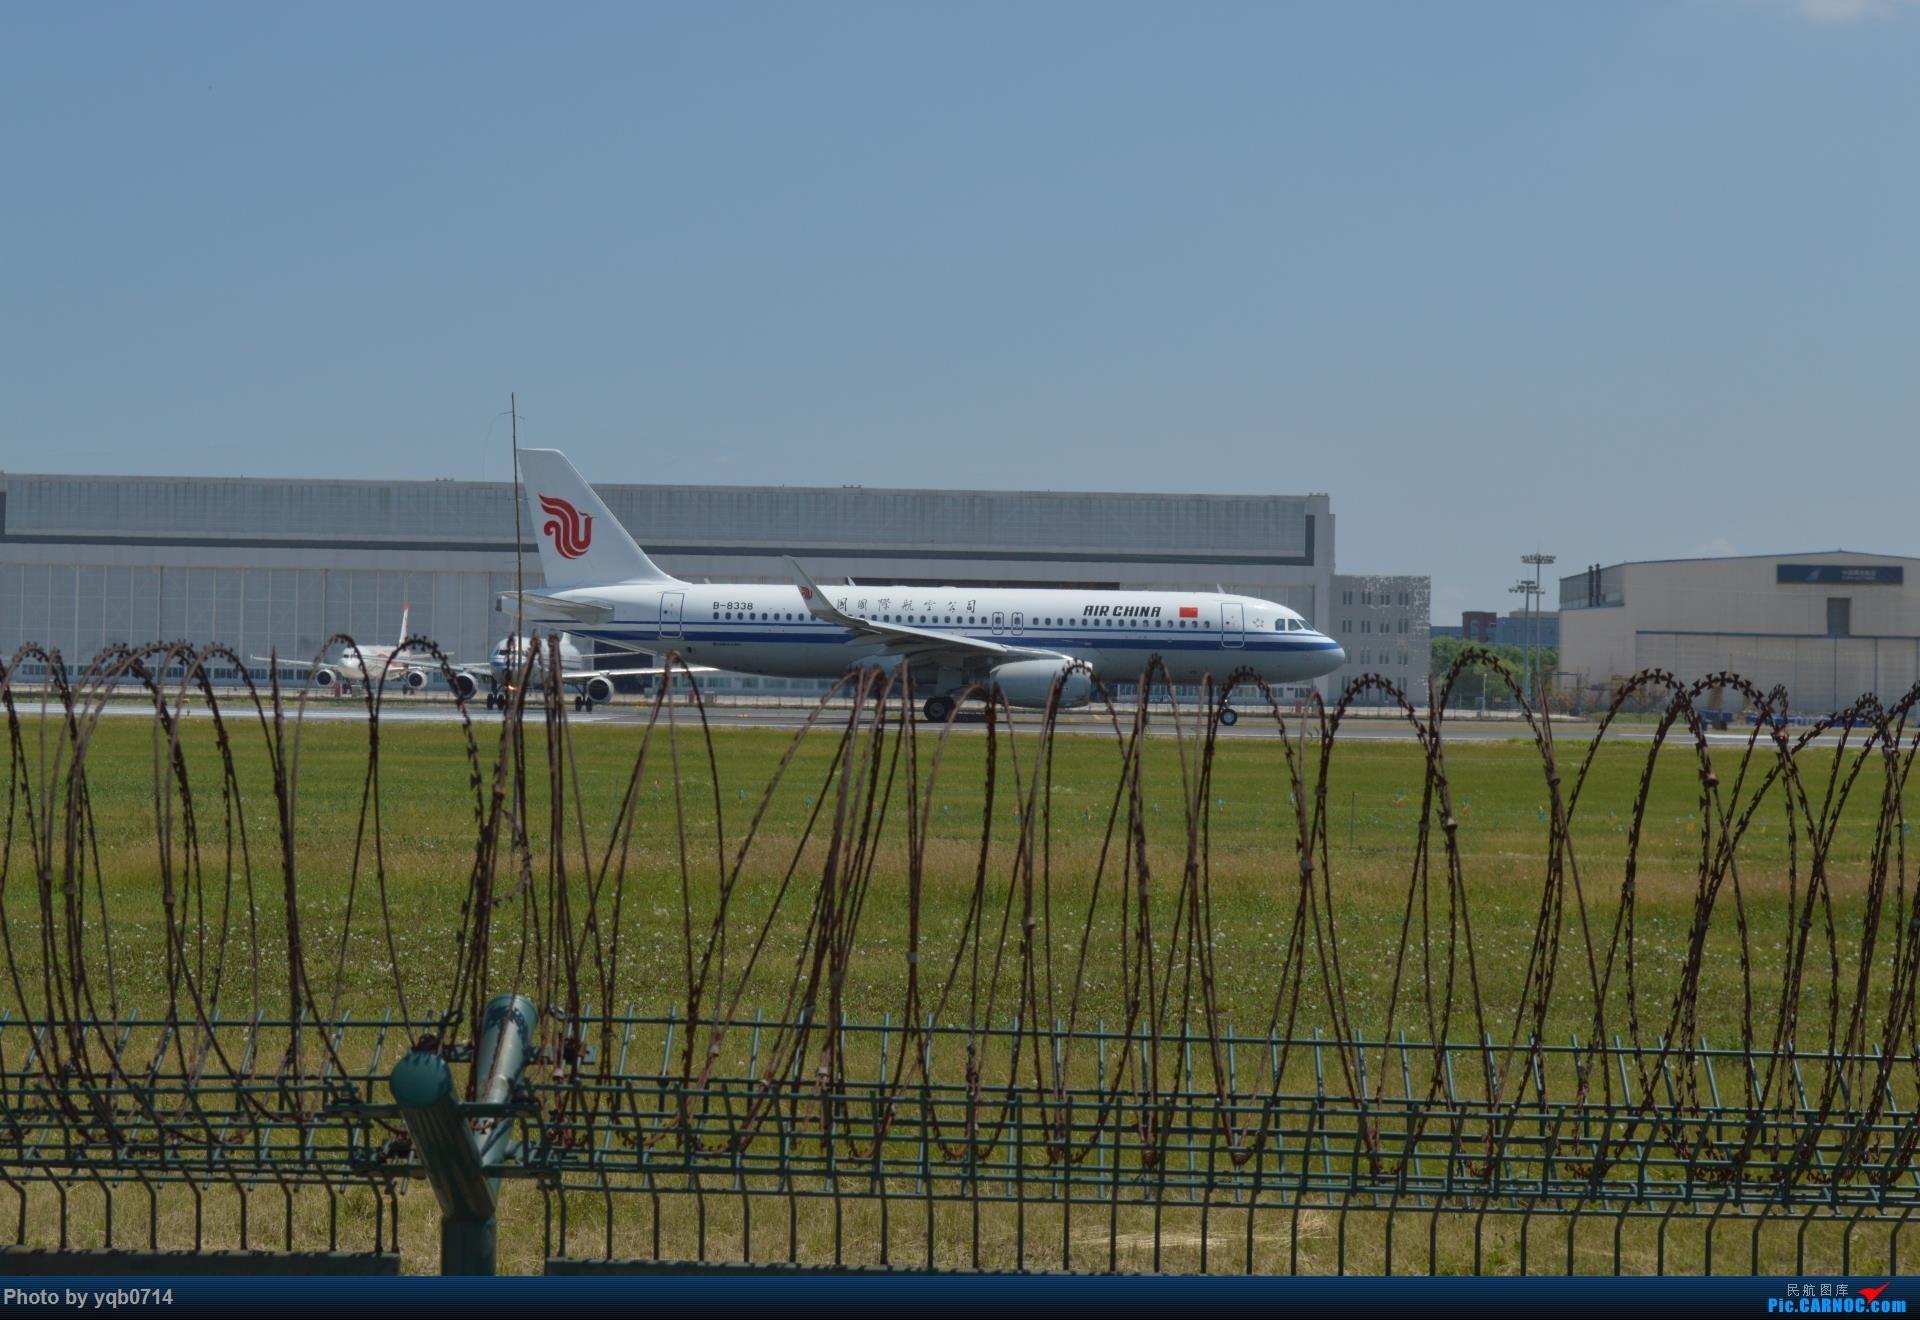 Re:[原创]出来炸道,喜欢星空联盟的小反!!!! AIRBUS A320-200 B-8338 沈阳桃仙